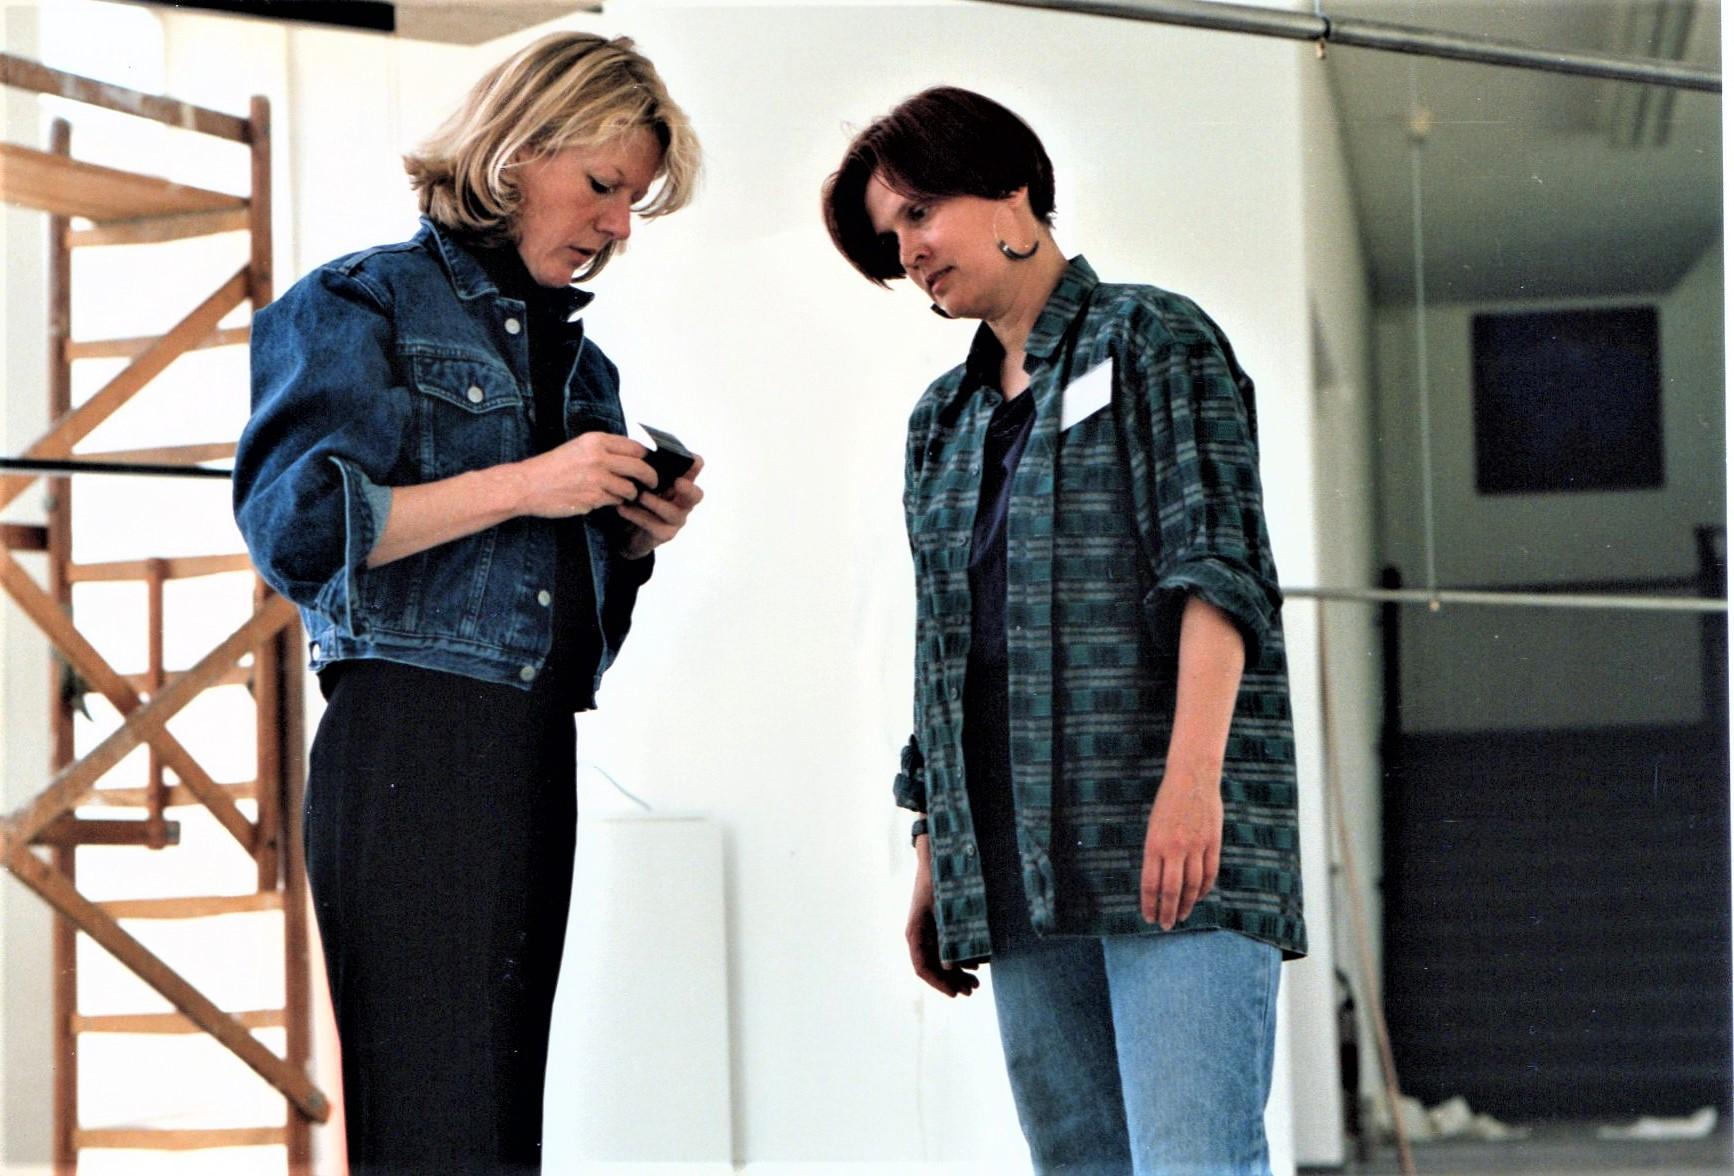 Inrichting View Review, Stedelijk Museum, 1991. Charlotte van der Waals en Suzanne Esser. Foto met dank aan Lous Martin